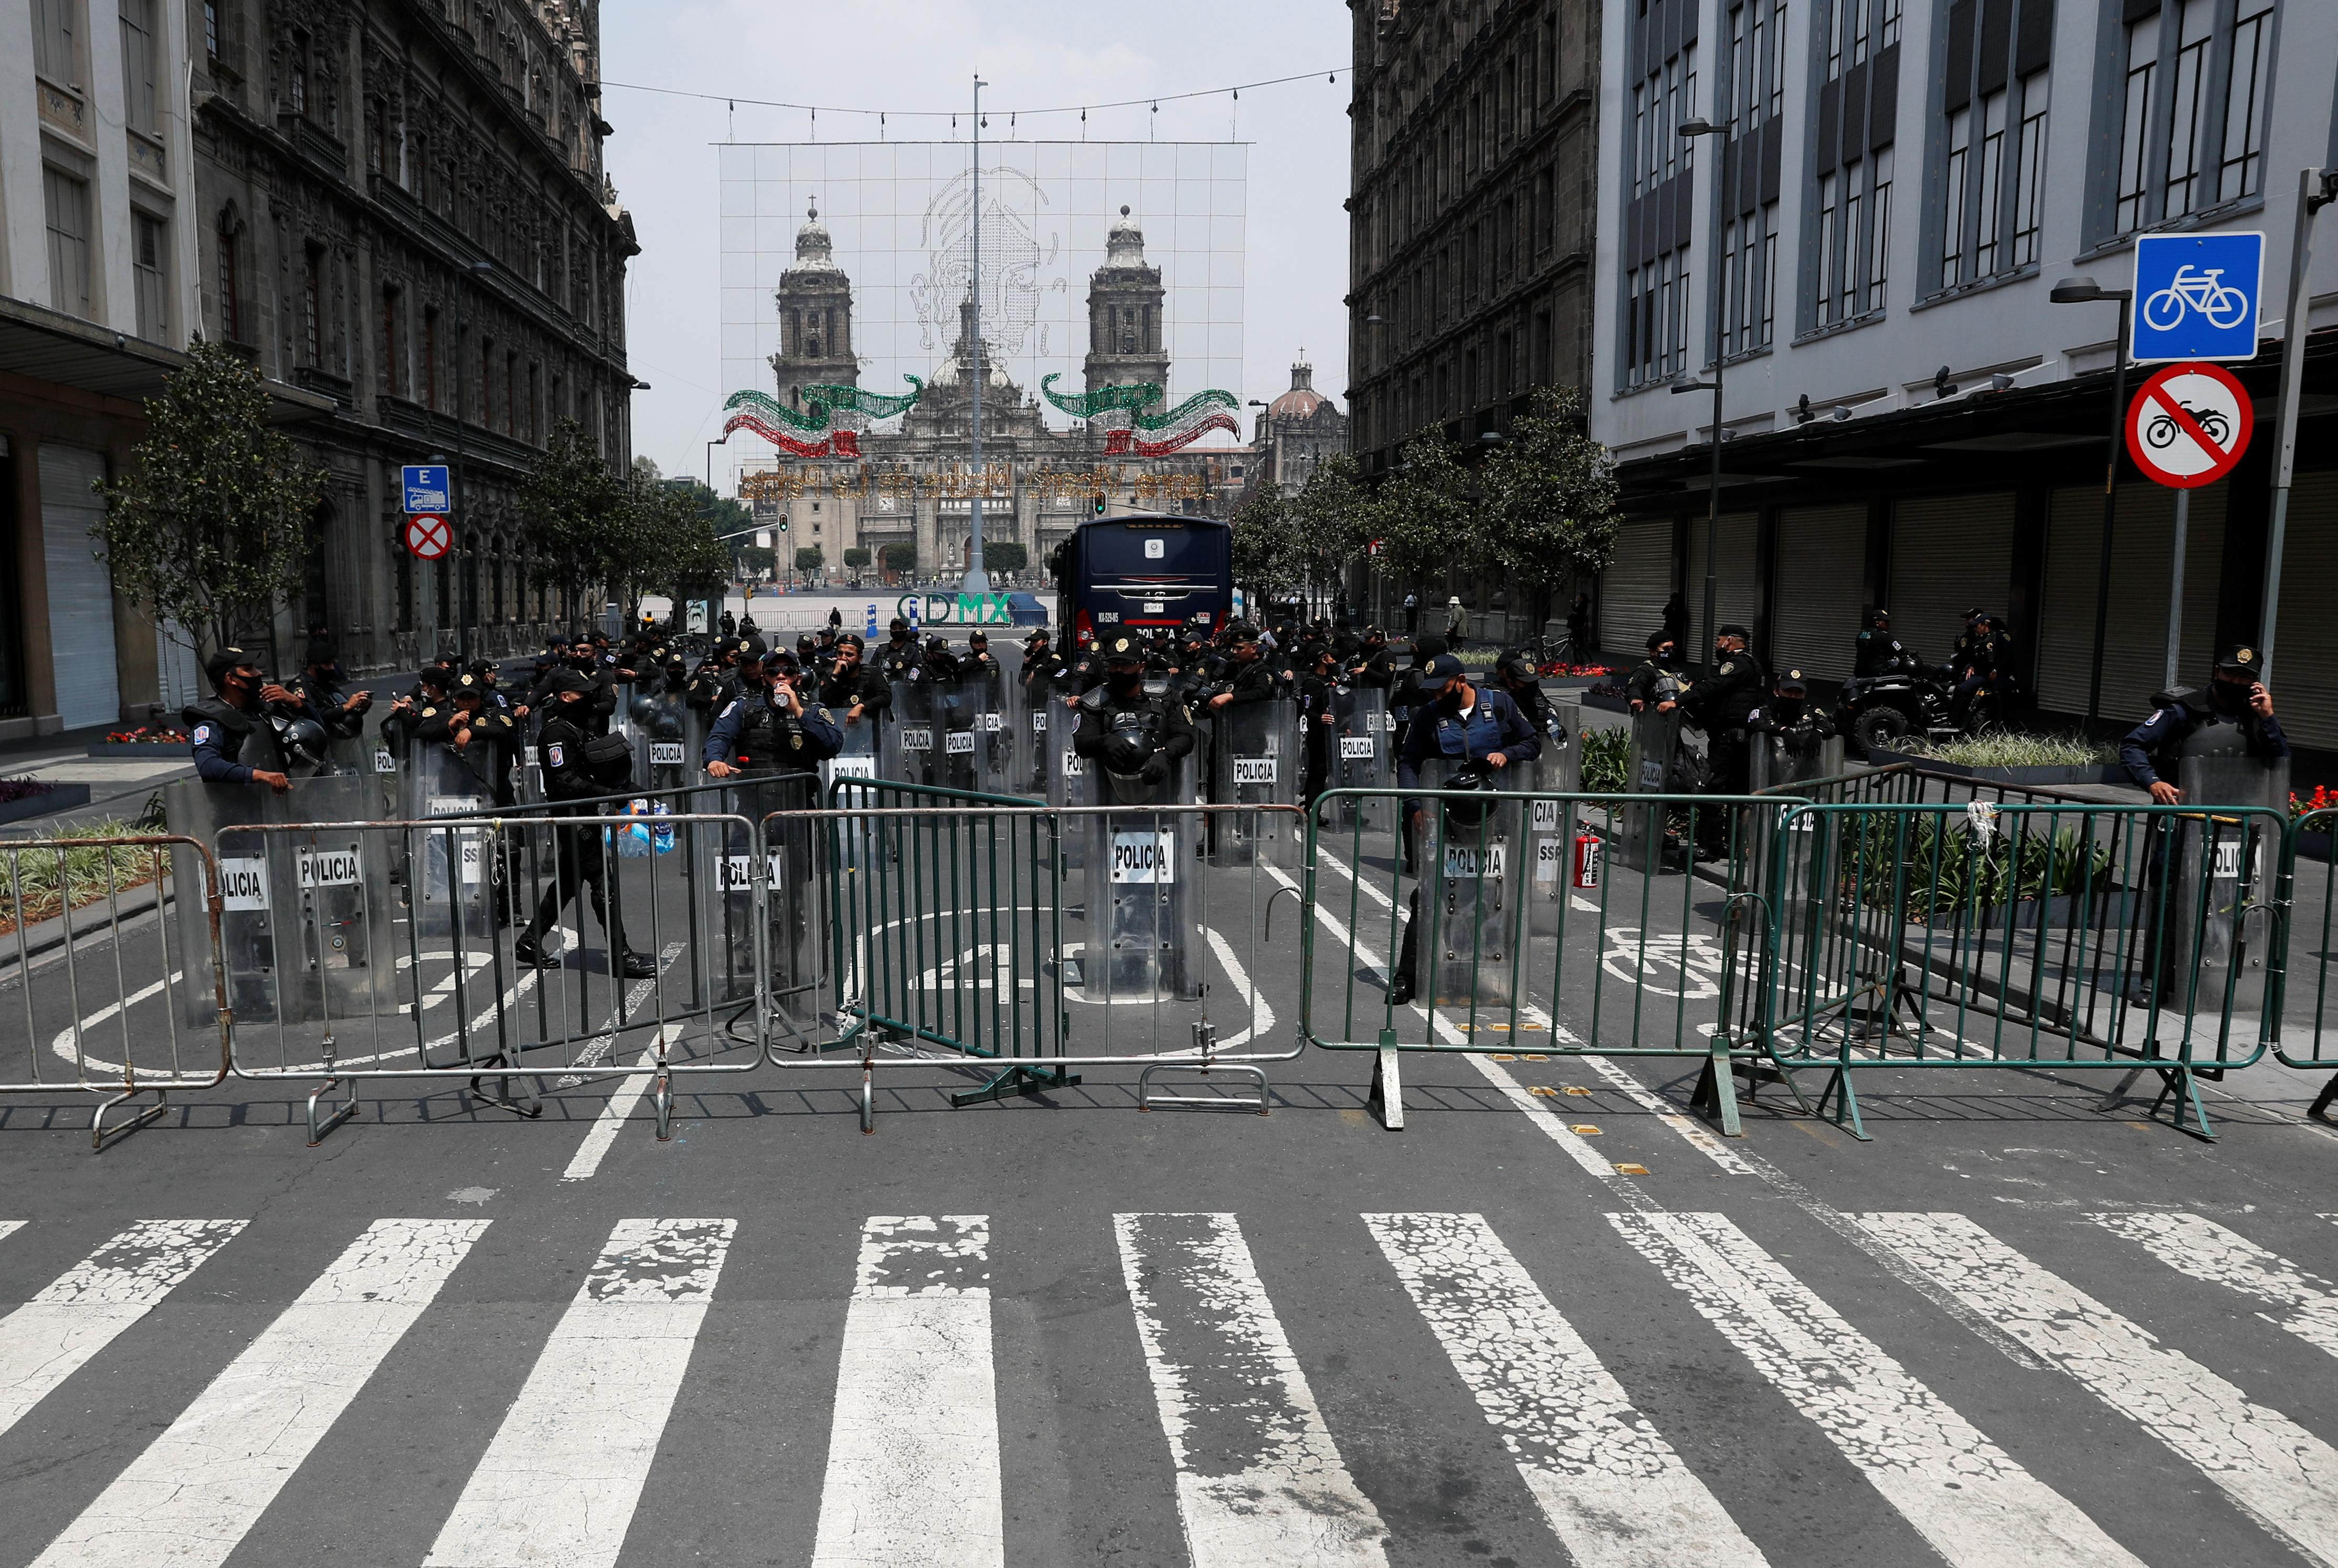 Agentes de policía montan guardia mientras familiares de estudiantes desaparecidos asisten a una protesta frente a la Corte Suprema de Justicia, antes del sexto aniversario de la desaparición de 43 estudiantes de la Escuela de Formación de Maestros de Ayotzinapa, en la Ciudad de México, México 23 de septiembre de 2020.